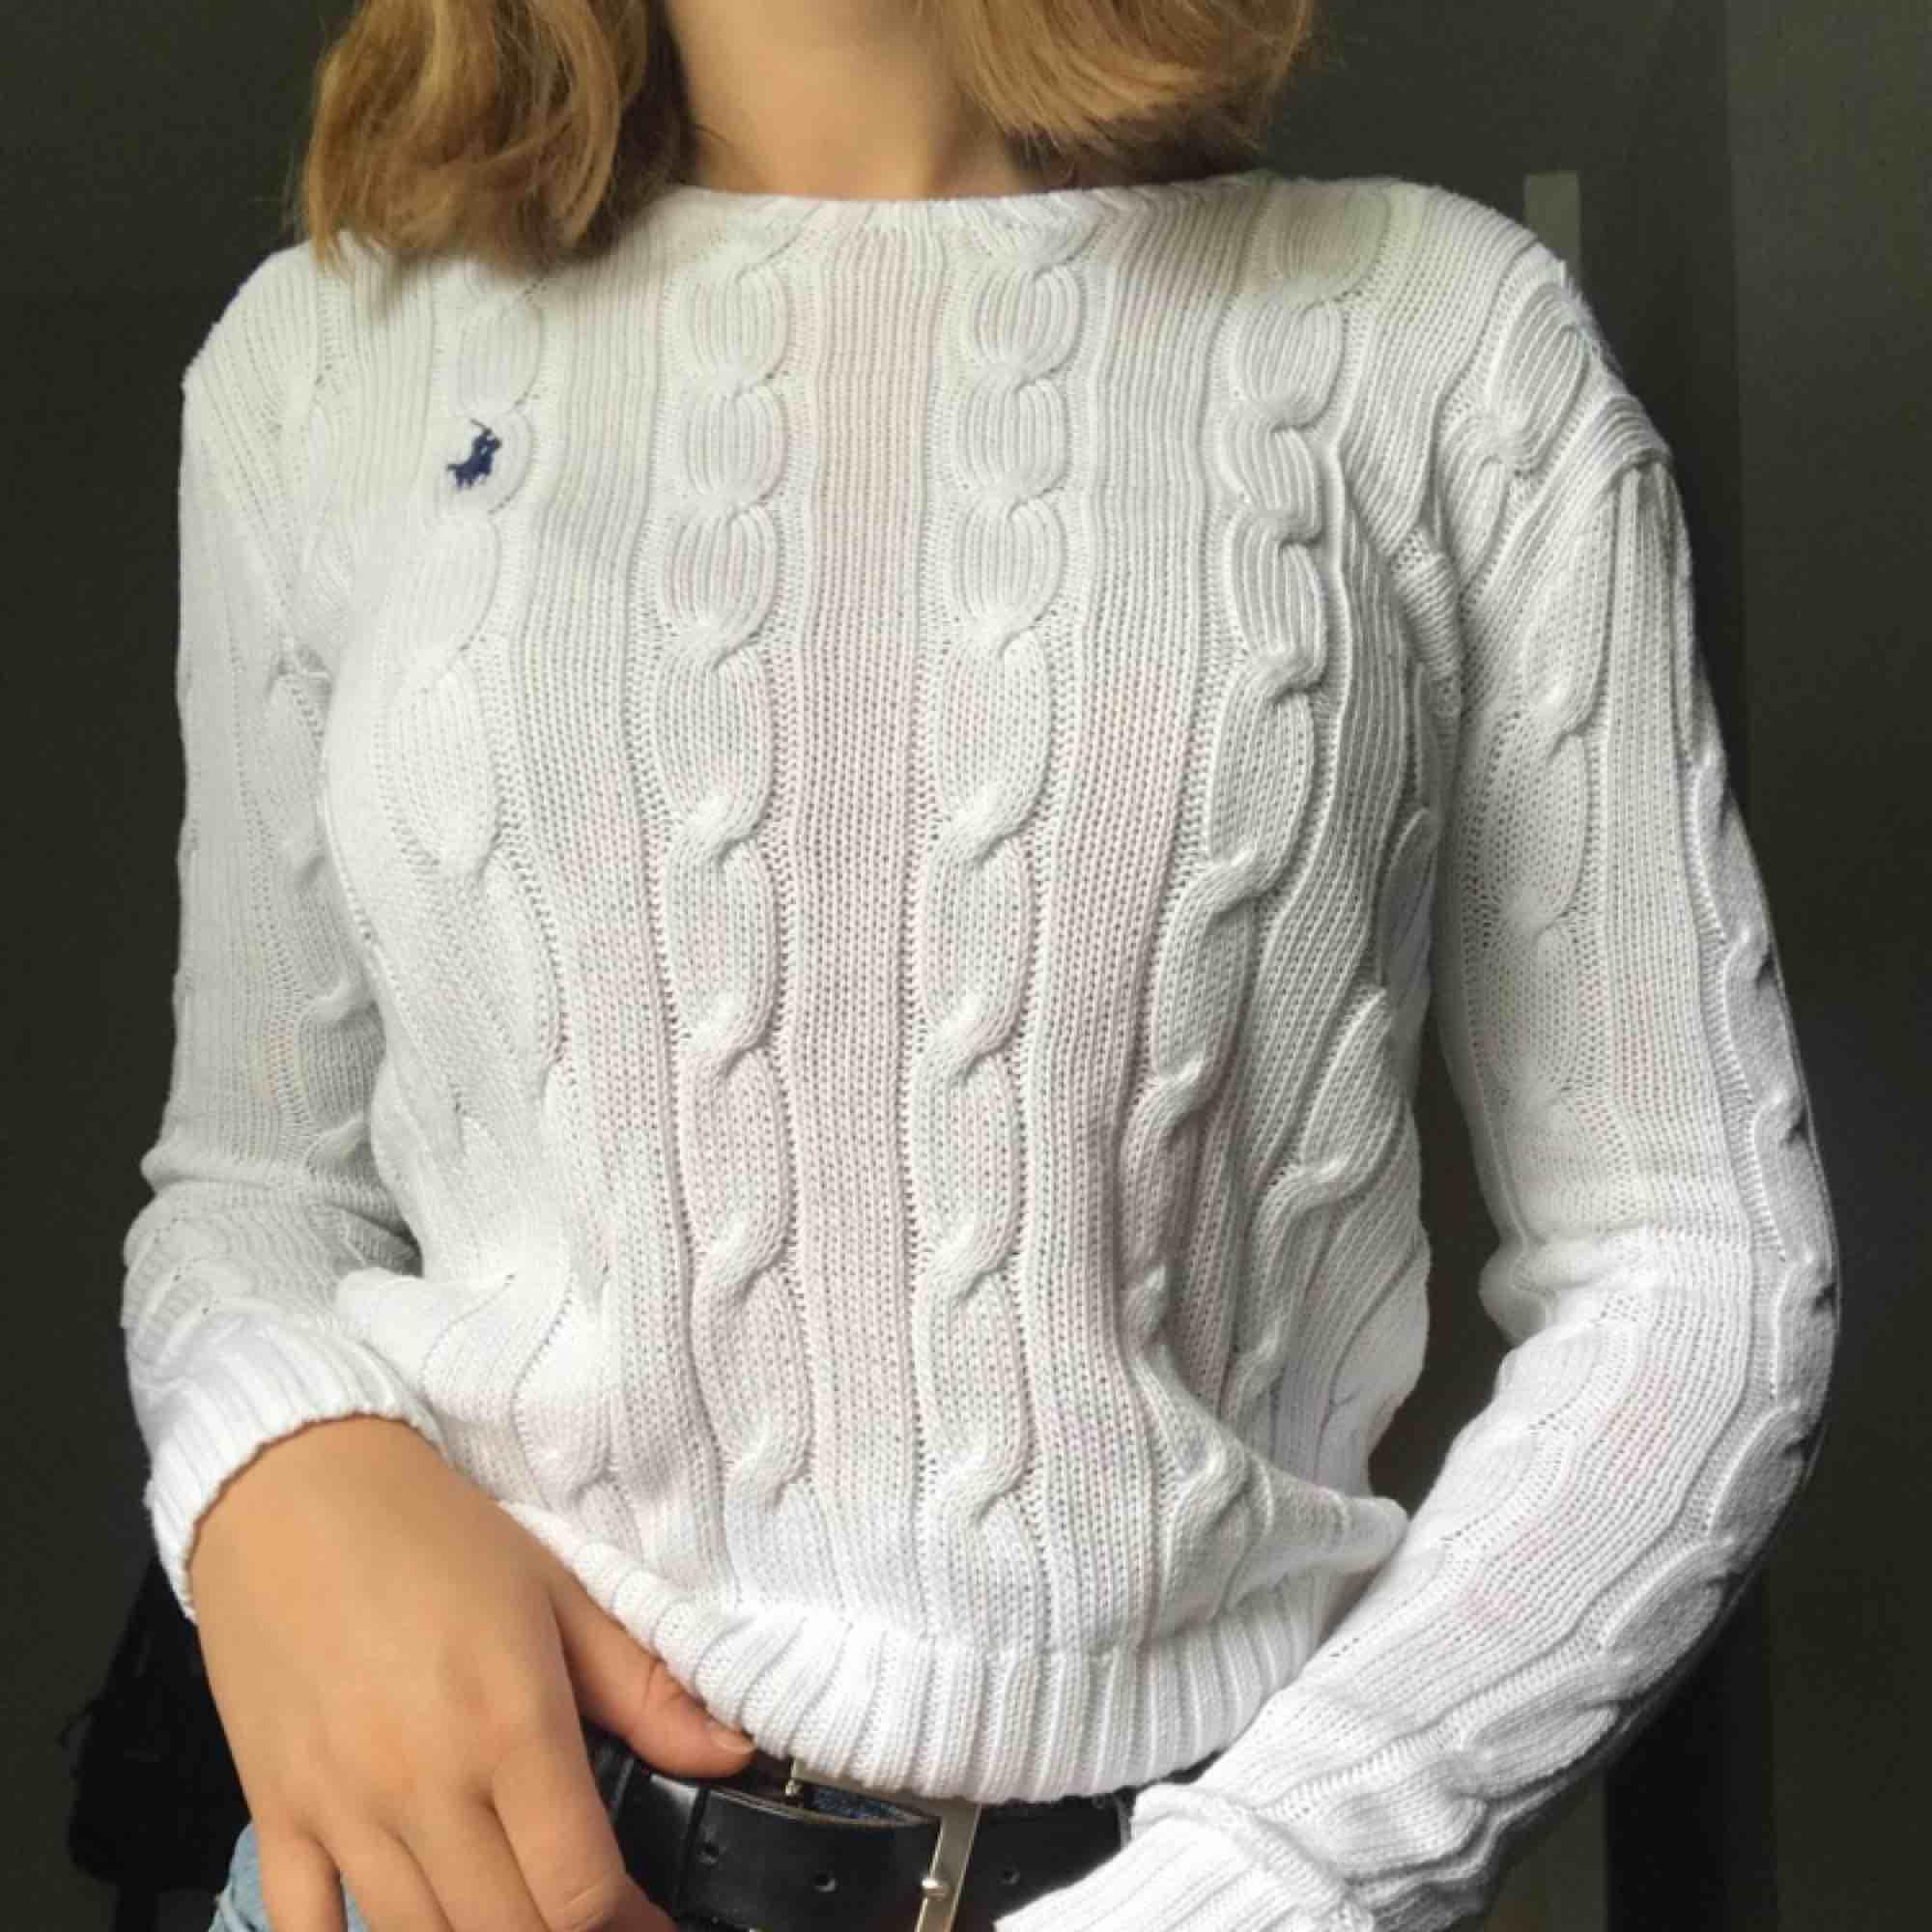 Ralph Lauren tröja, fint skick! Priset kan diskuteras! Skriv för fler frågor🌟. Stickat.